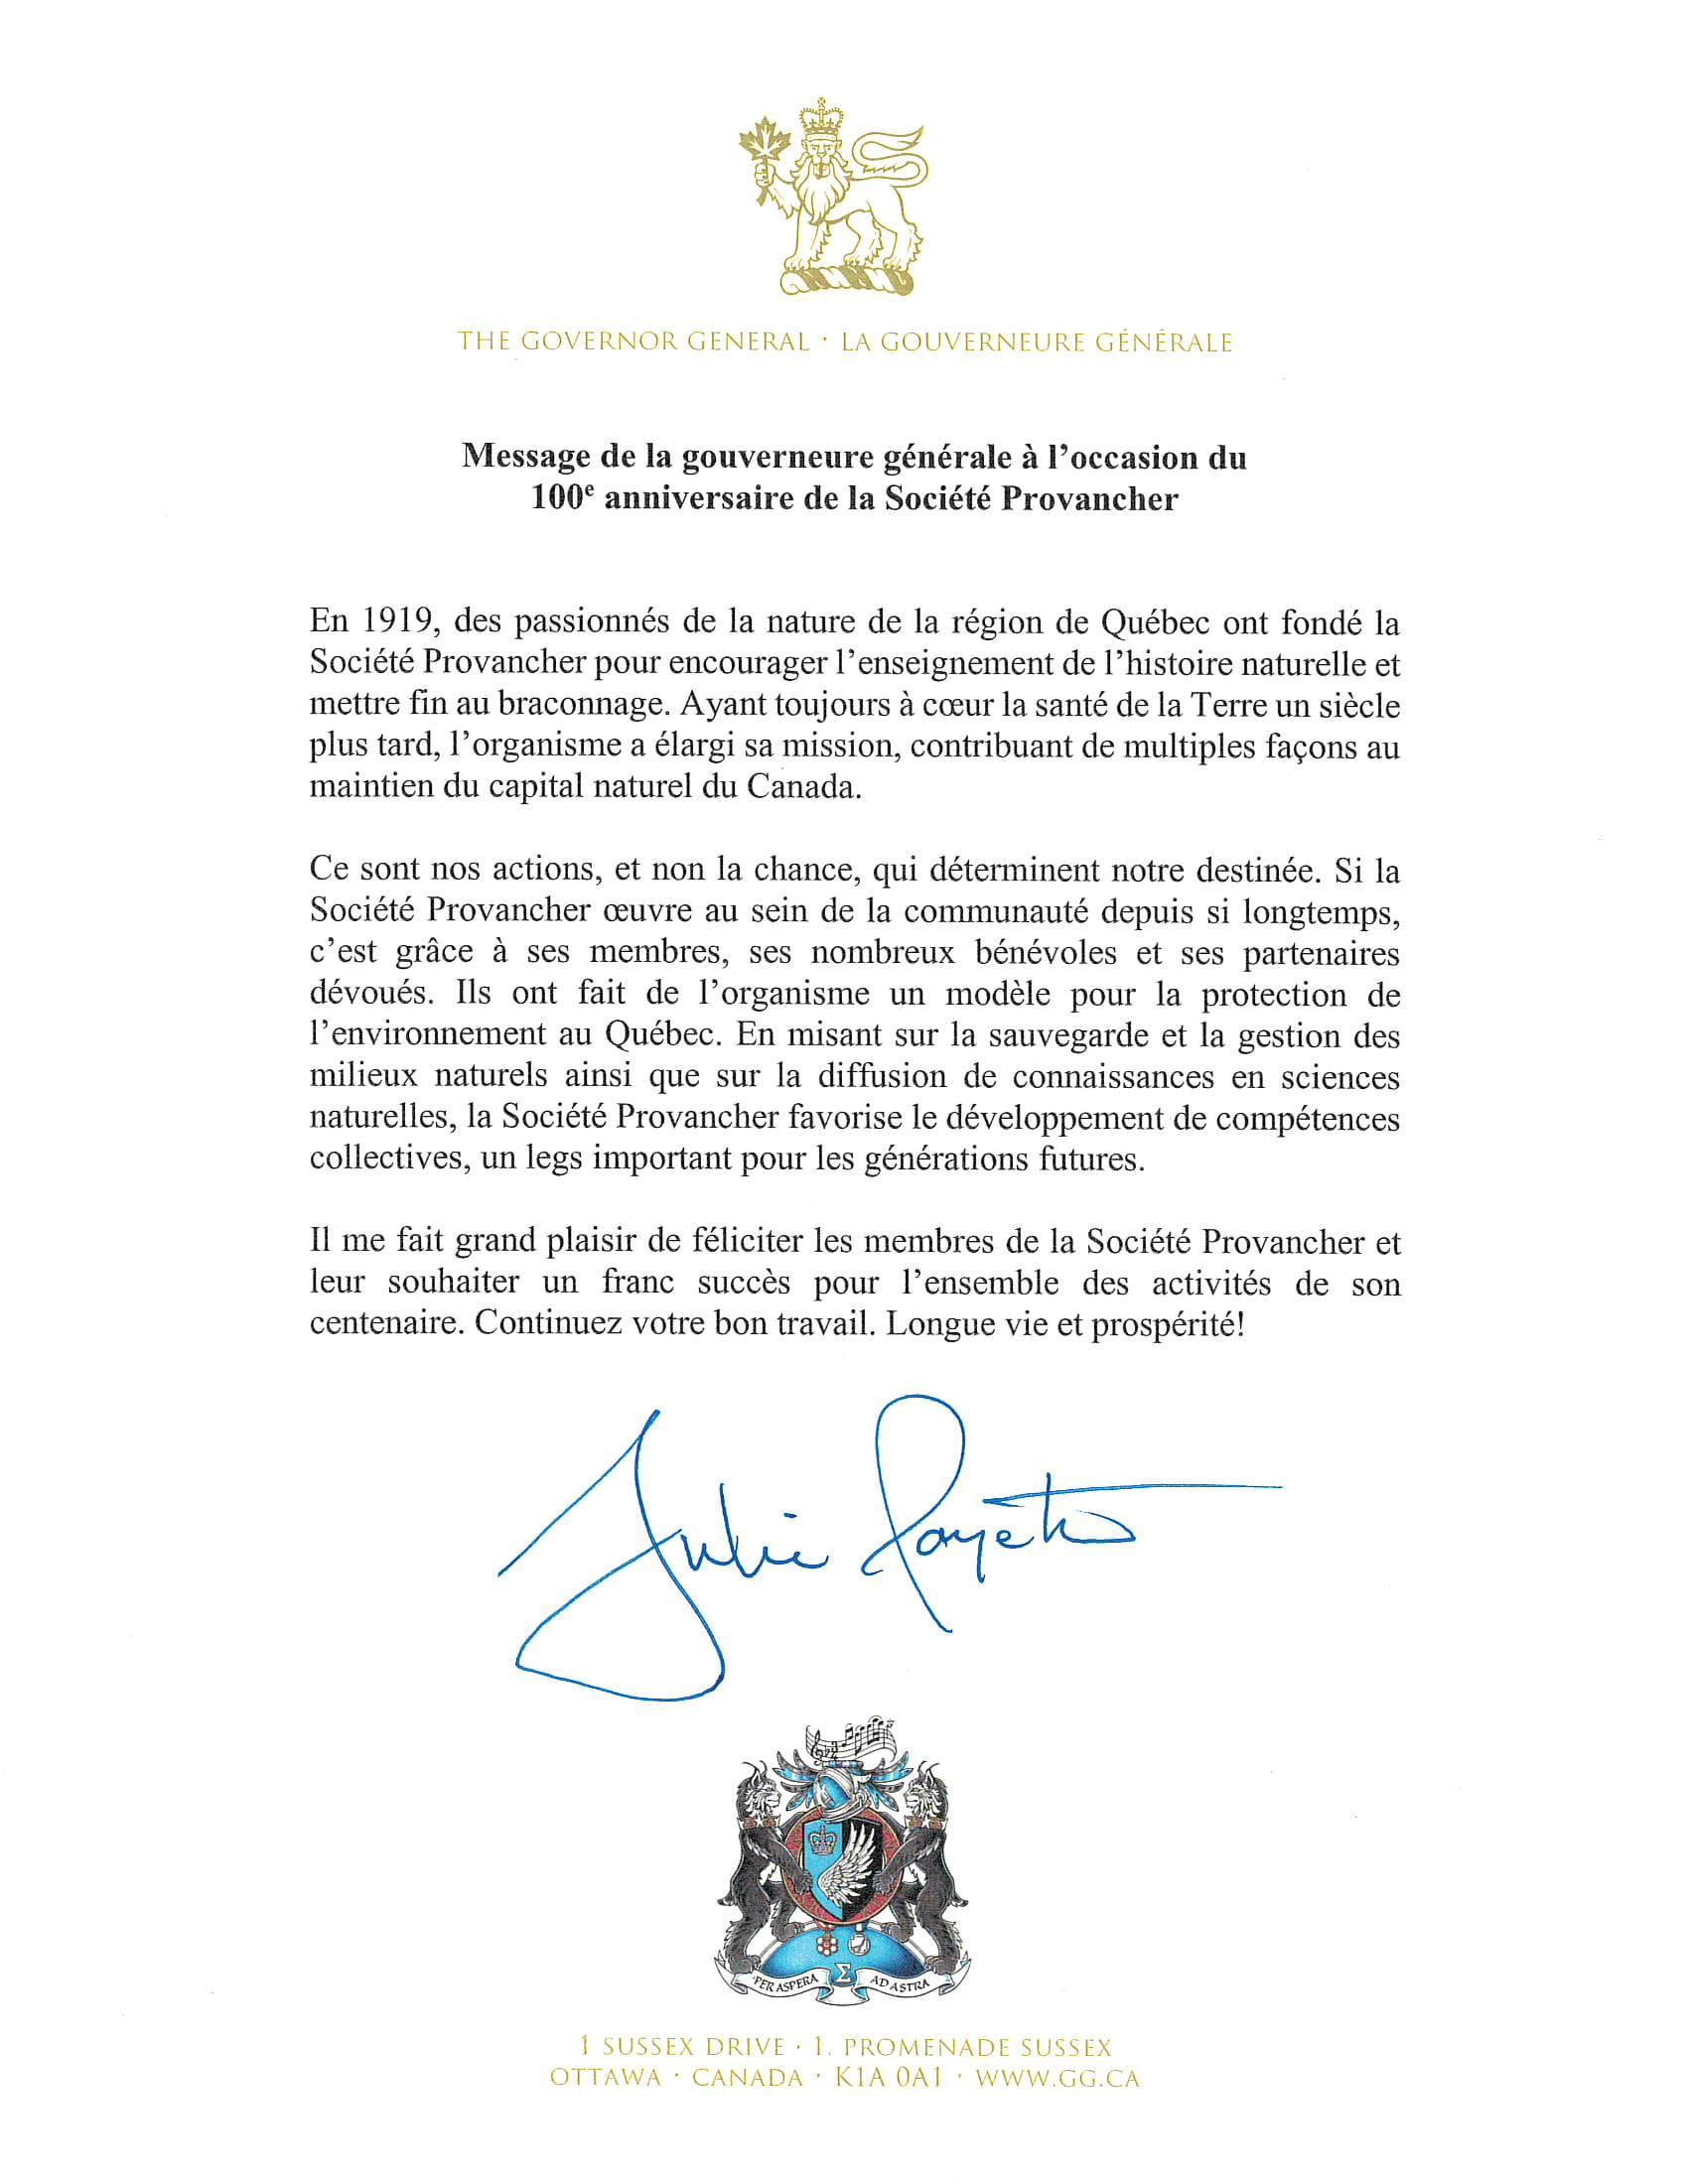 Message de Son Excellence la très honorable Julie Payette, gouverneure générale et commandante en chef du Canada.